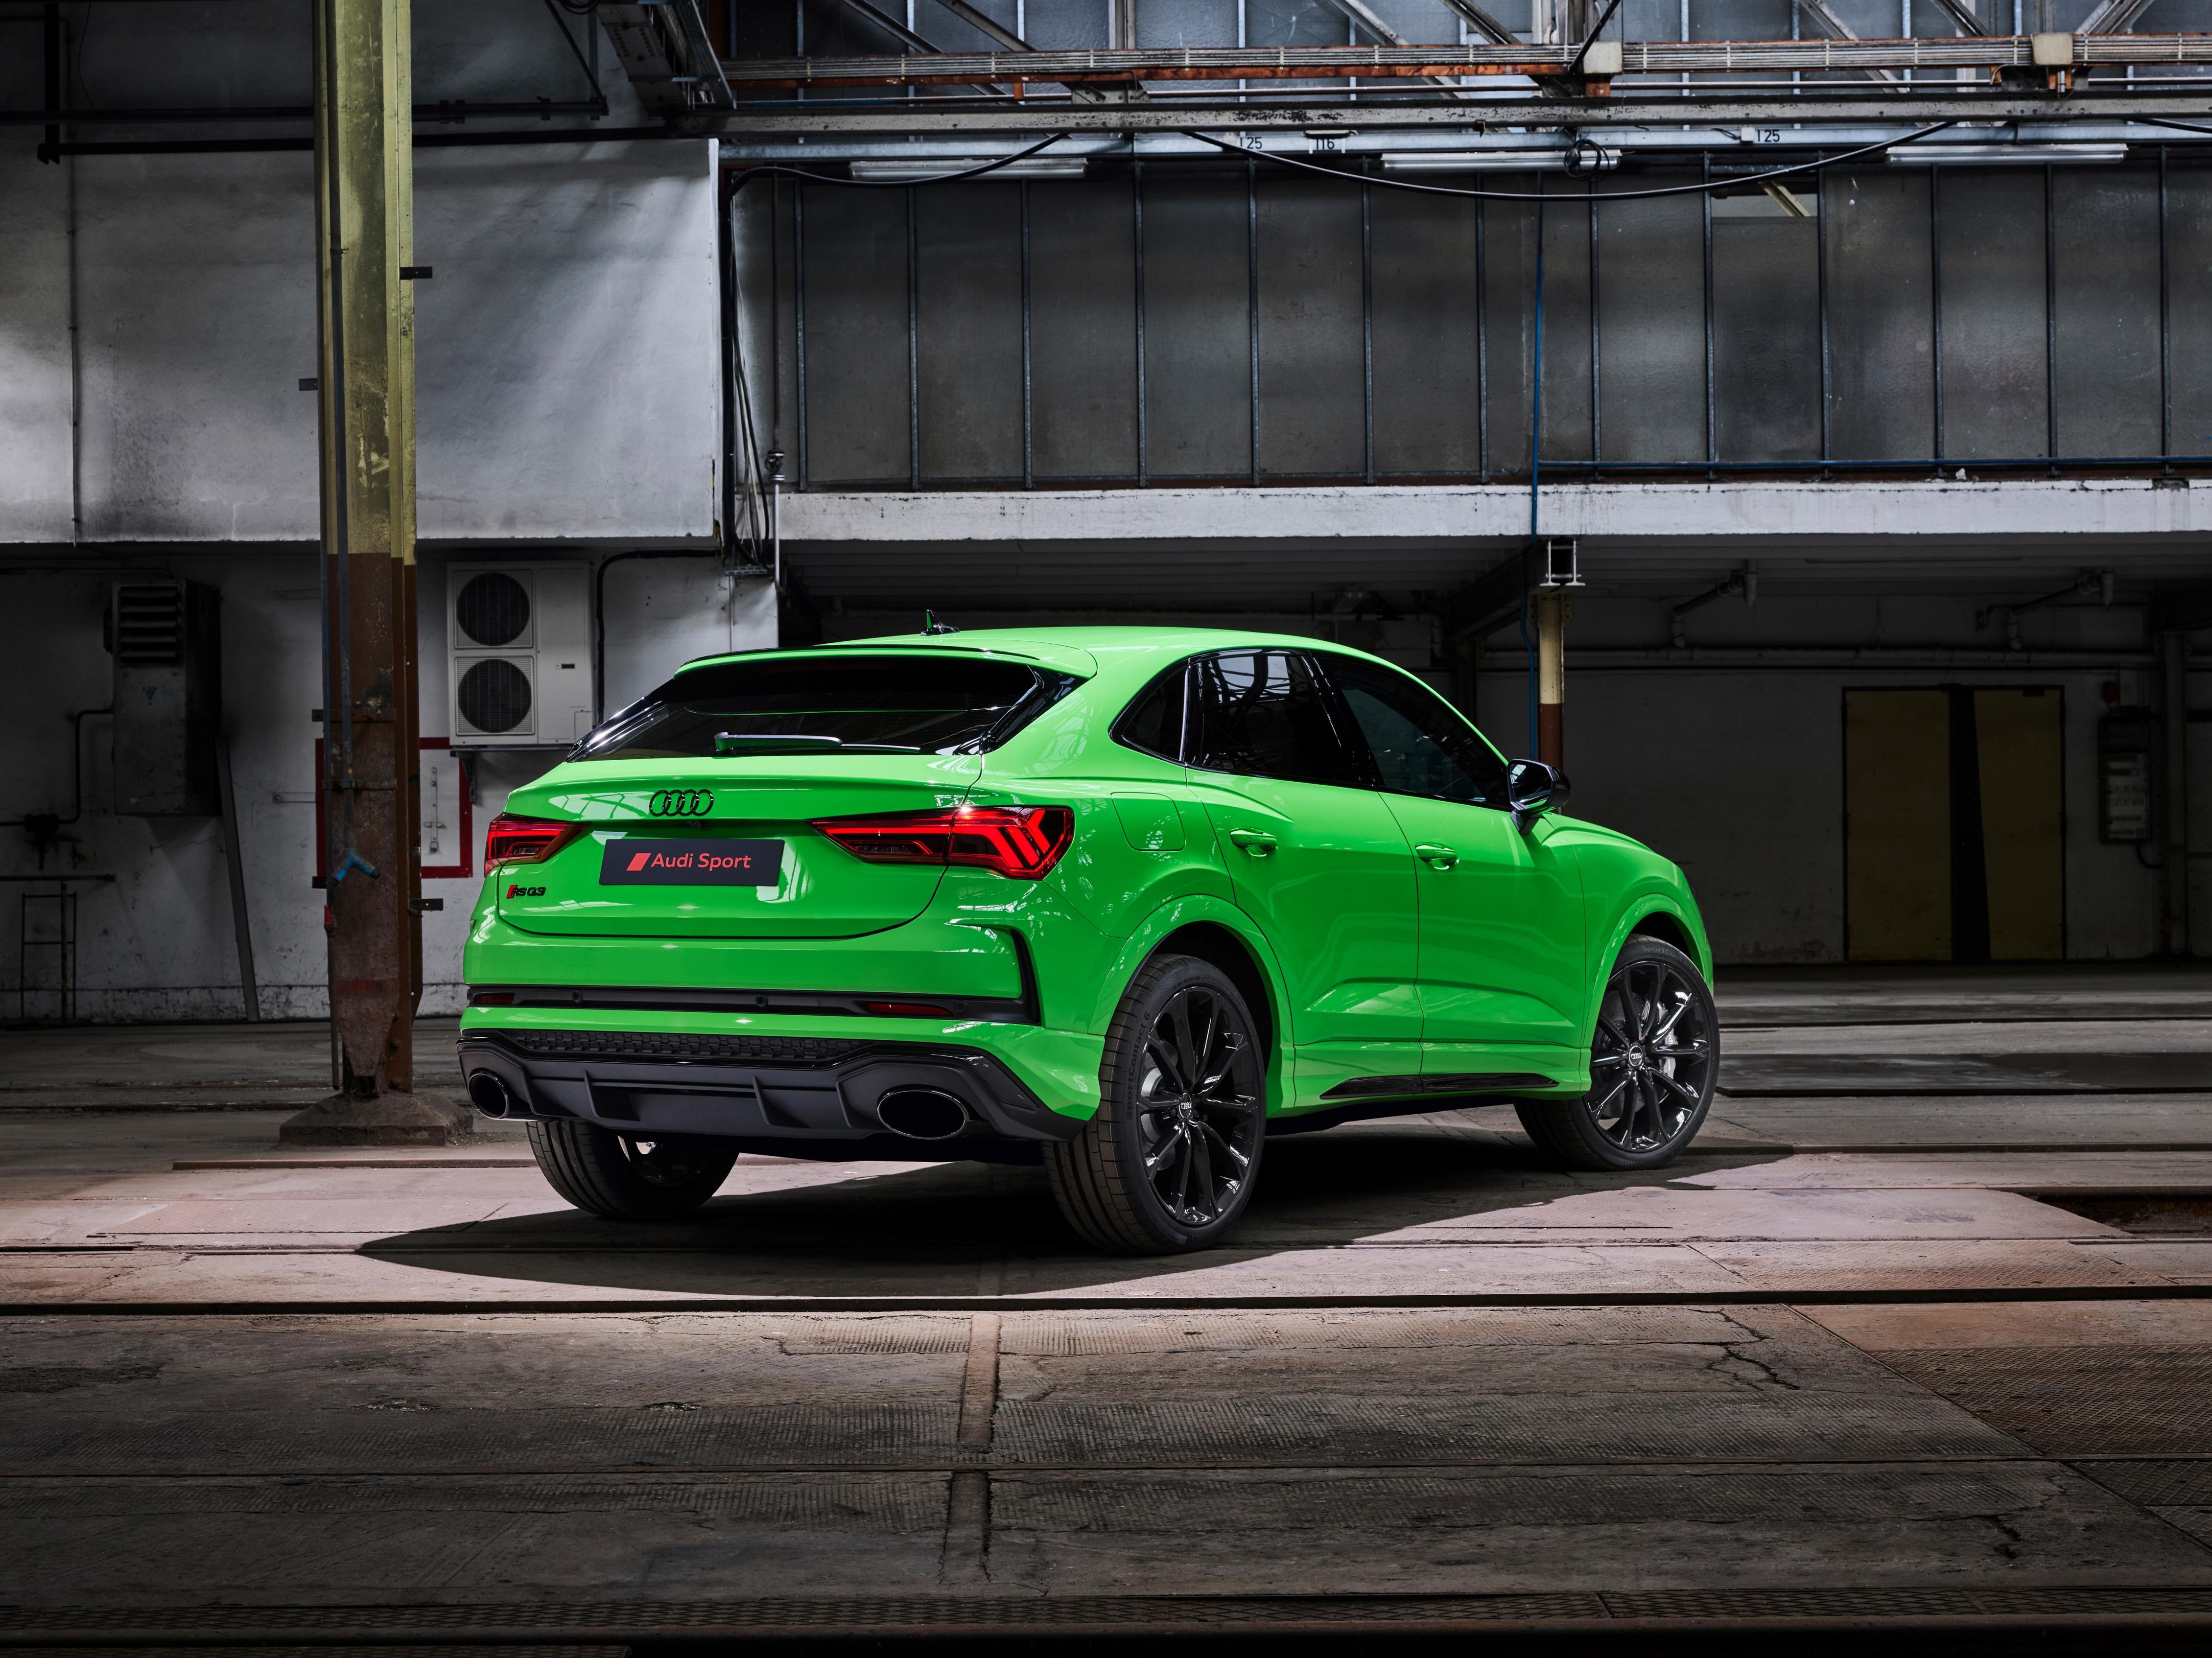 Audi RS Q3 - Audi RS Q3 Sportback